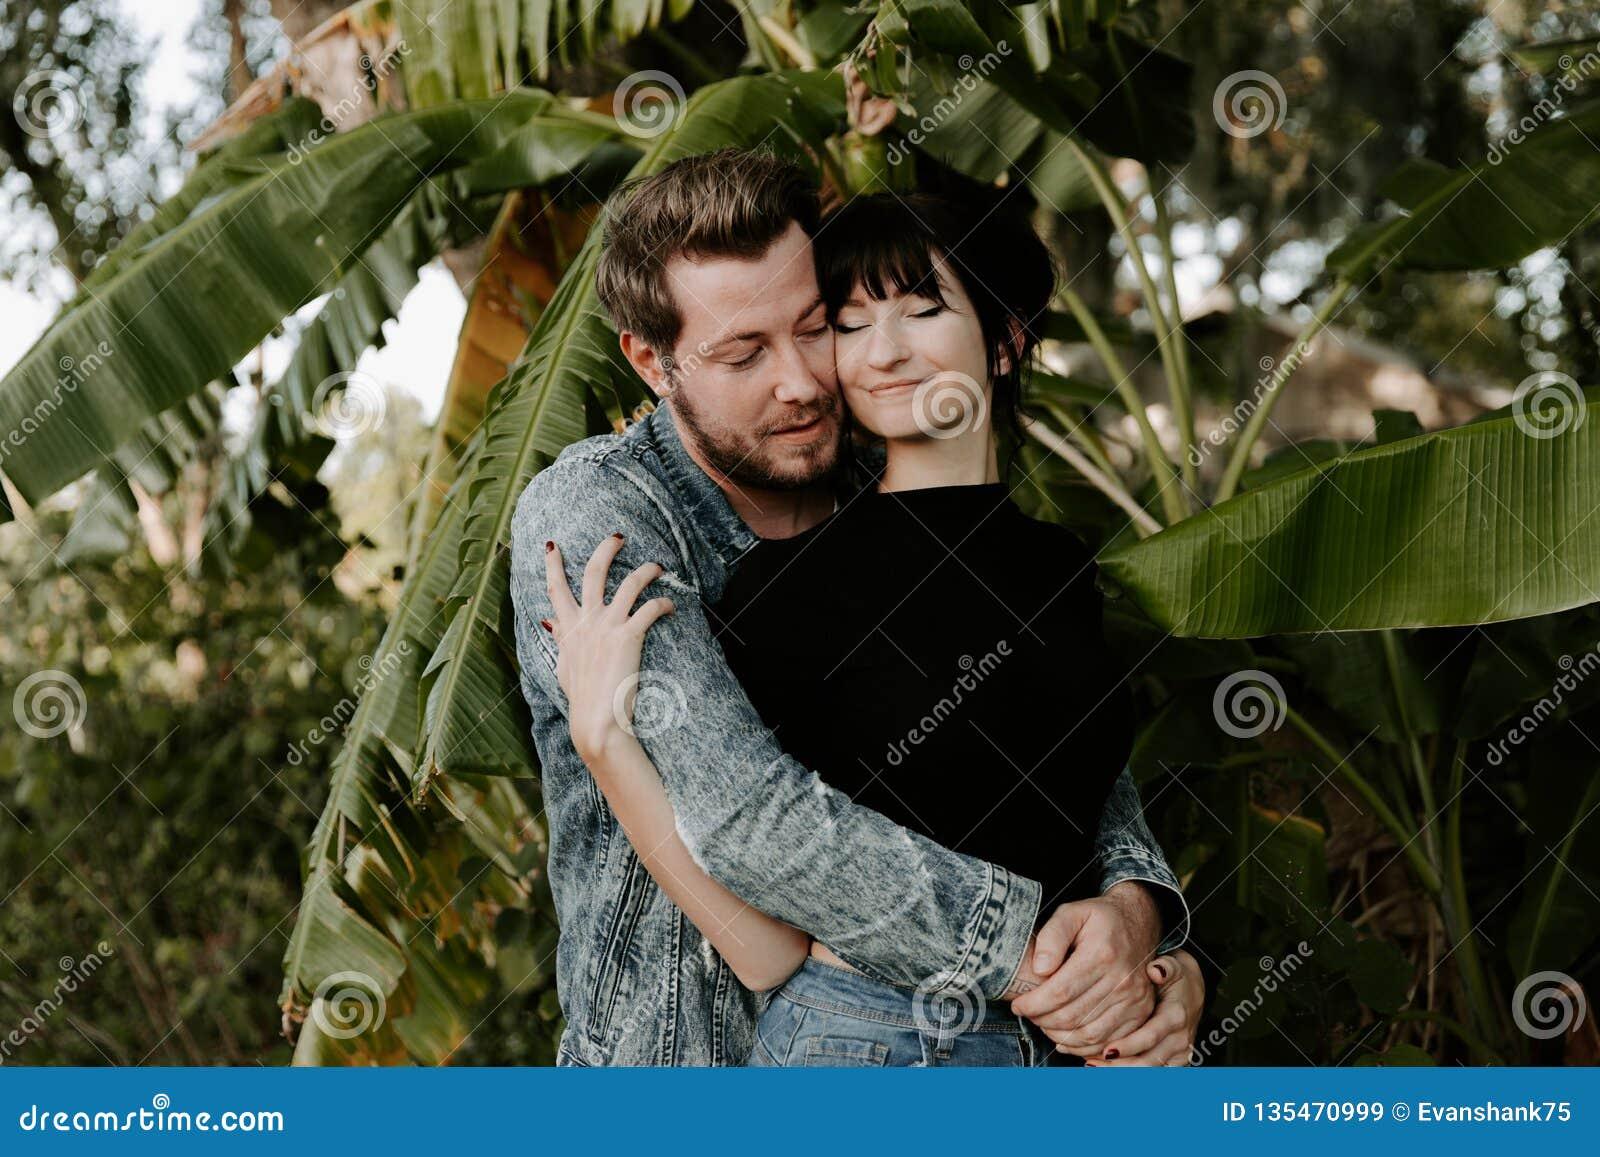 Portrait adorable aimant de deux jeunes à la mode modernes adultes beaux attirants Guy Girl Couple Kissing et étreindre